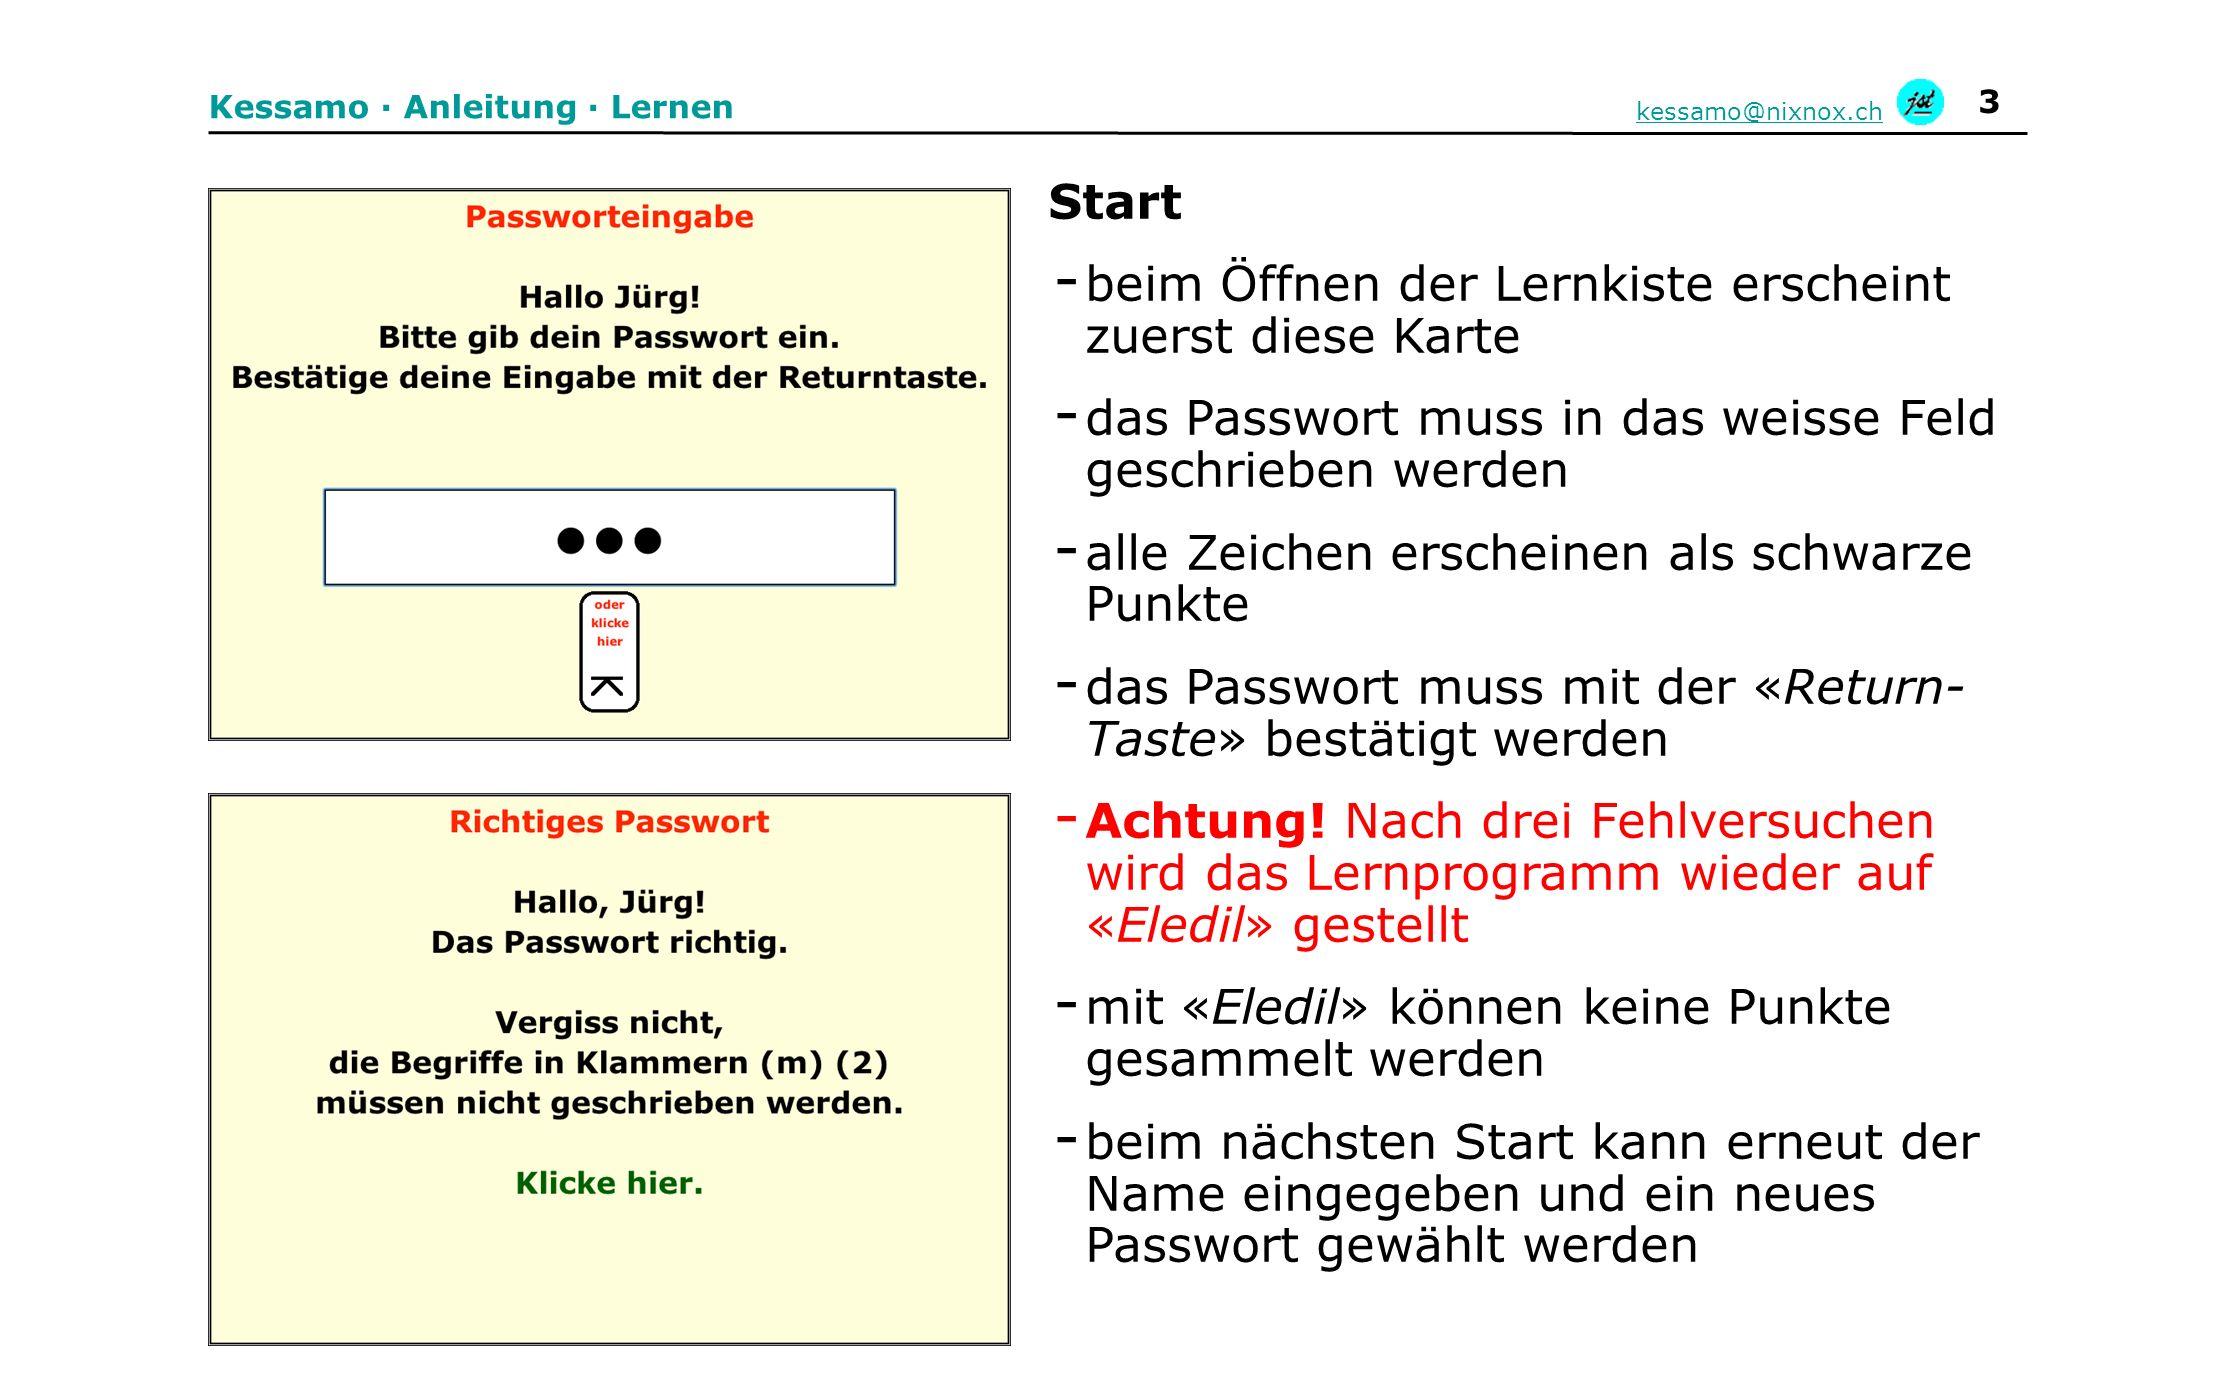 4 Kessamo · Anleitung · Lernen kessamo@nixnox.ch - Das Passwort wird bestätigt, nach einem Klick auf «Klicke hier. erscheint die Startkarte.